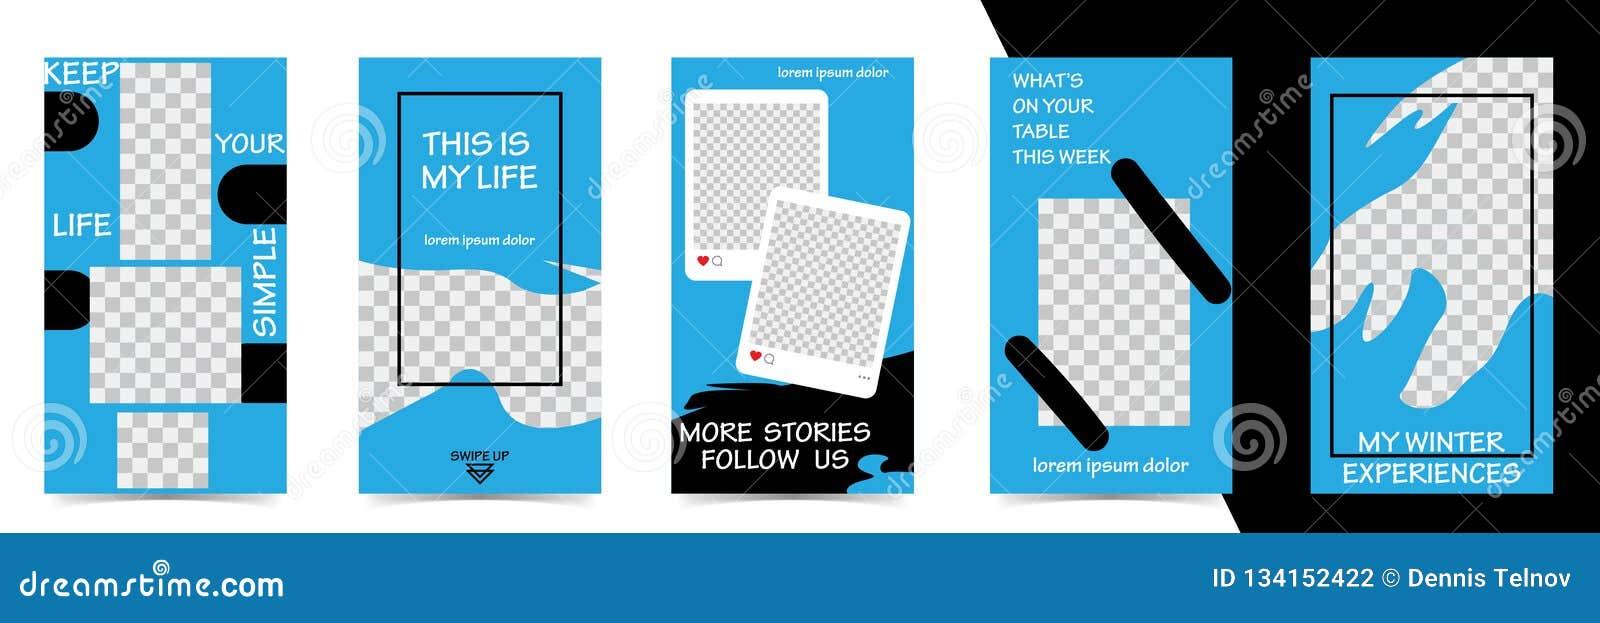 Πρότυπο ιστοριών Instagram Editable ροή